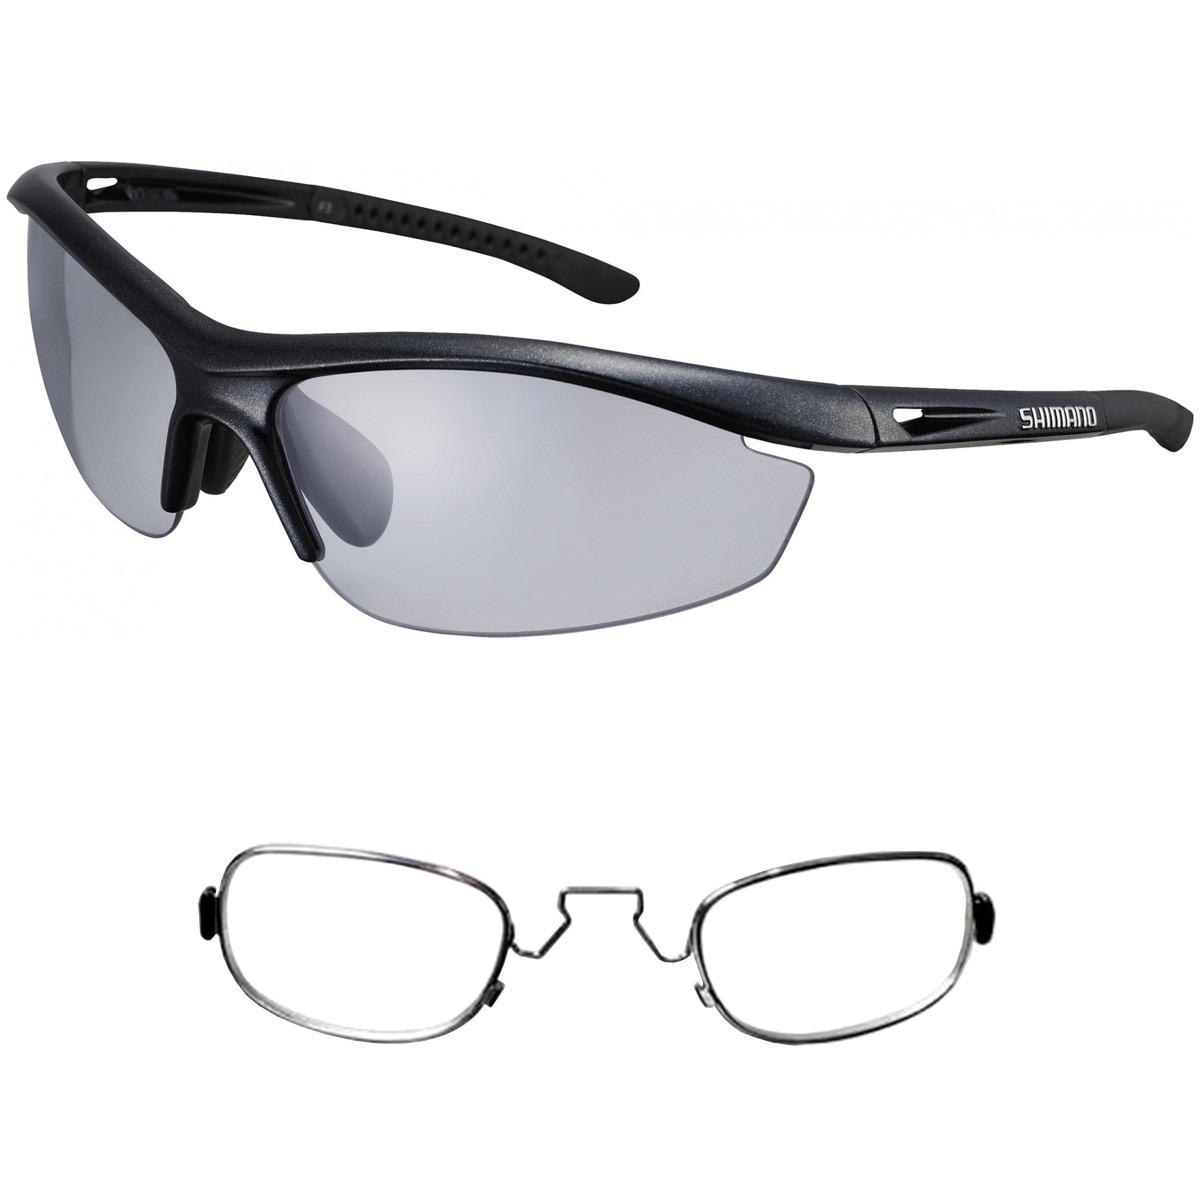 c2bec3a3e9e3e óculos shimano ce-s20r-ph preto fotocromático + rx clip. Carregando zoom.